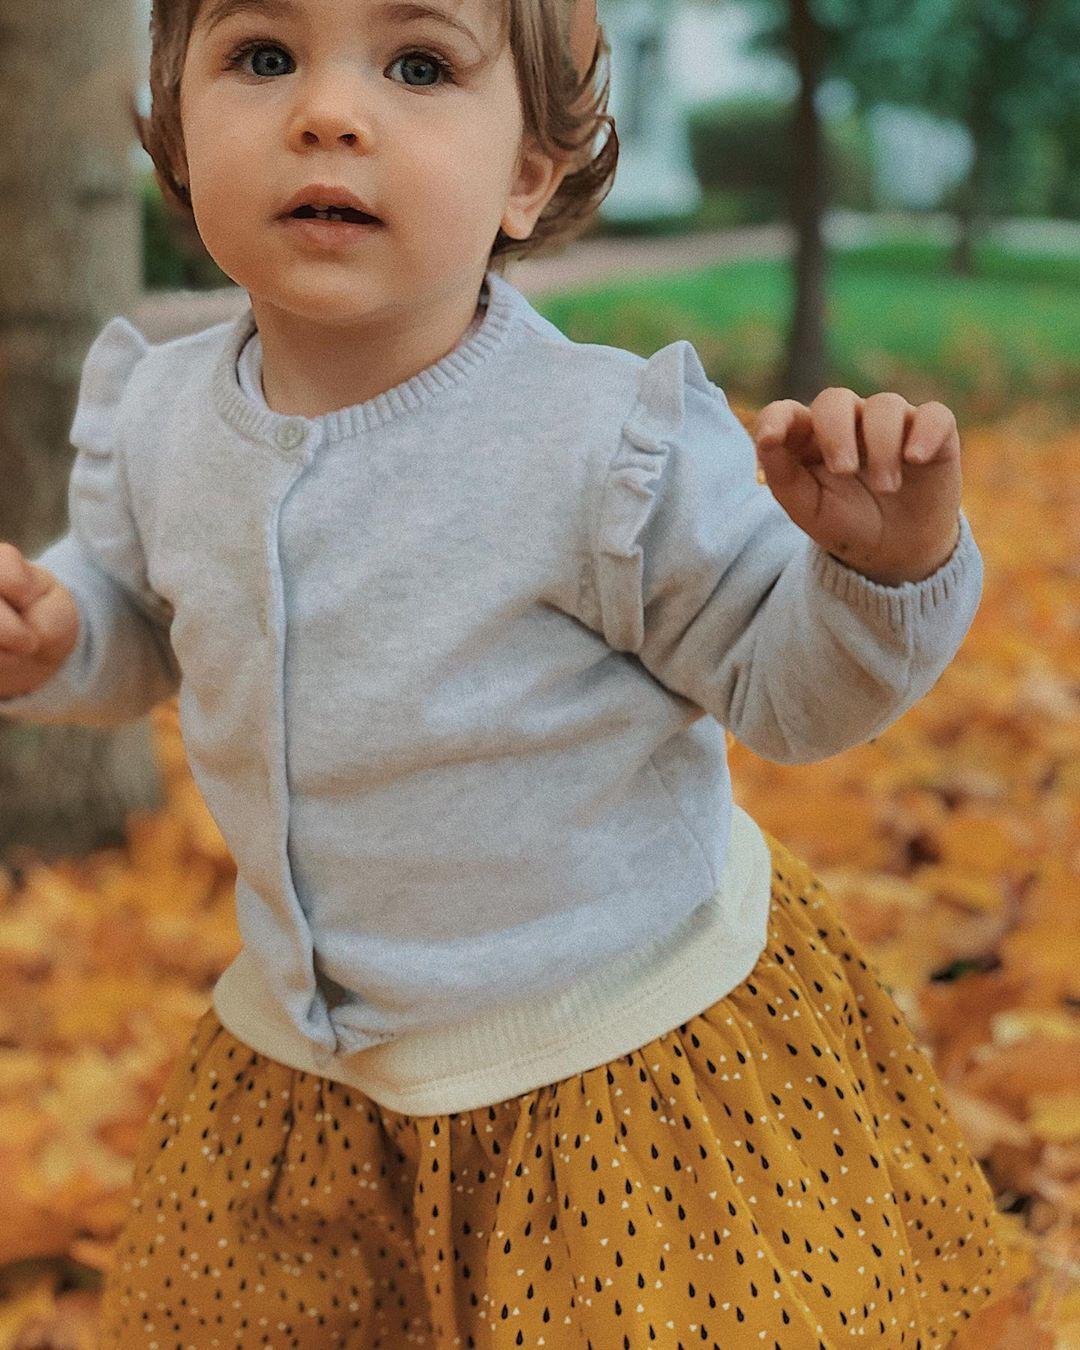 Cette petite fille tellement fière de savoir marcher, elle découvre le monde différemment, tellement de fierté dans ses yeux